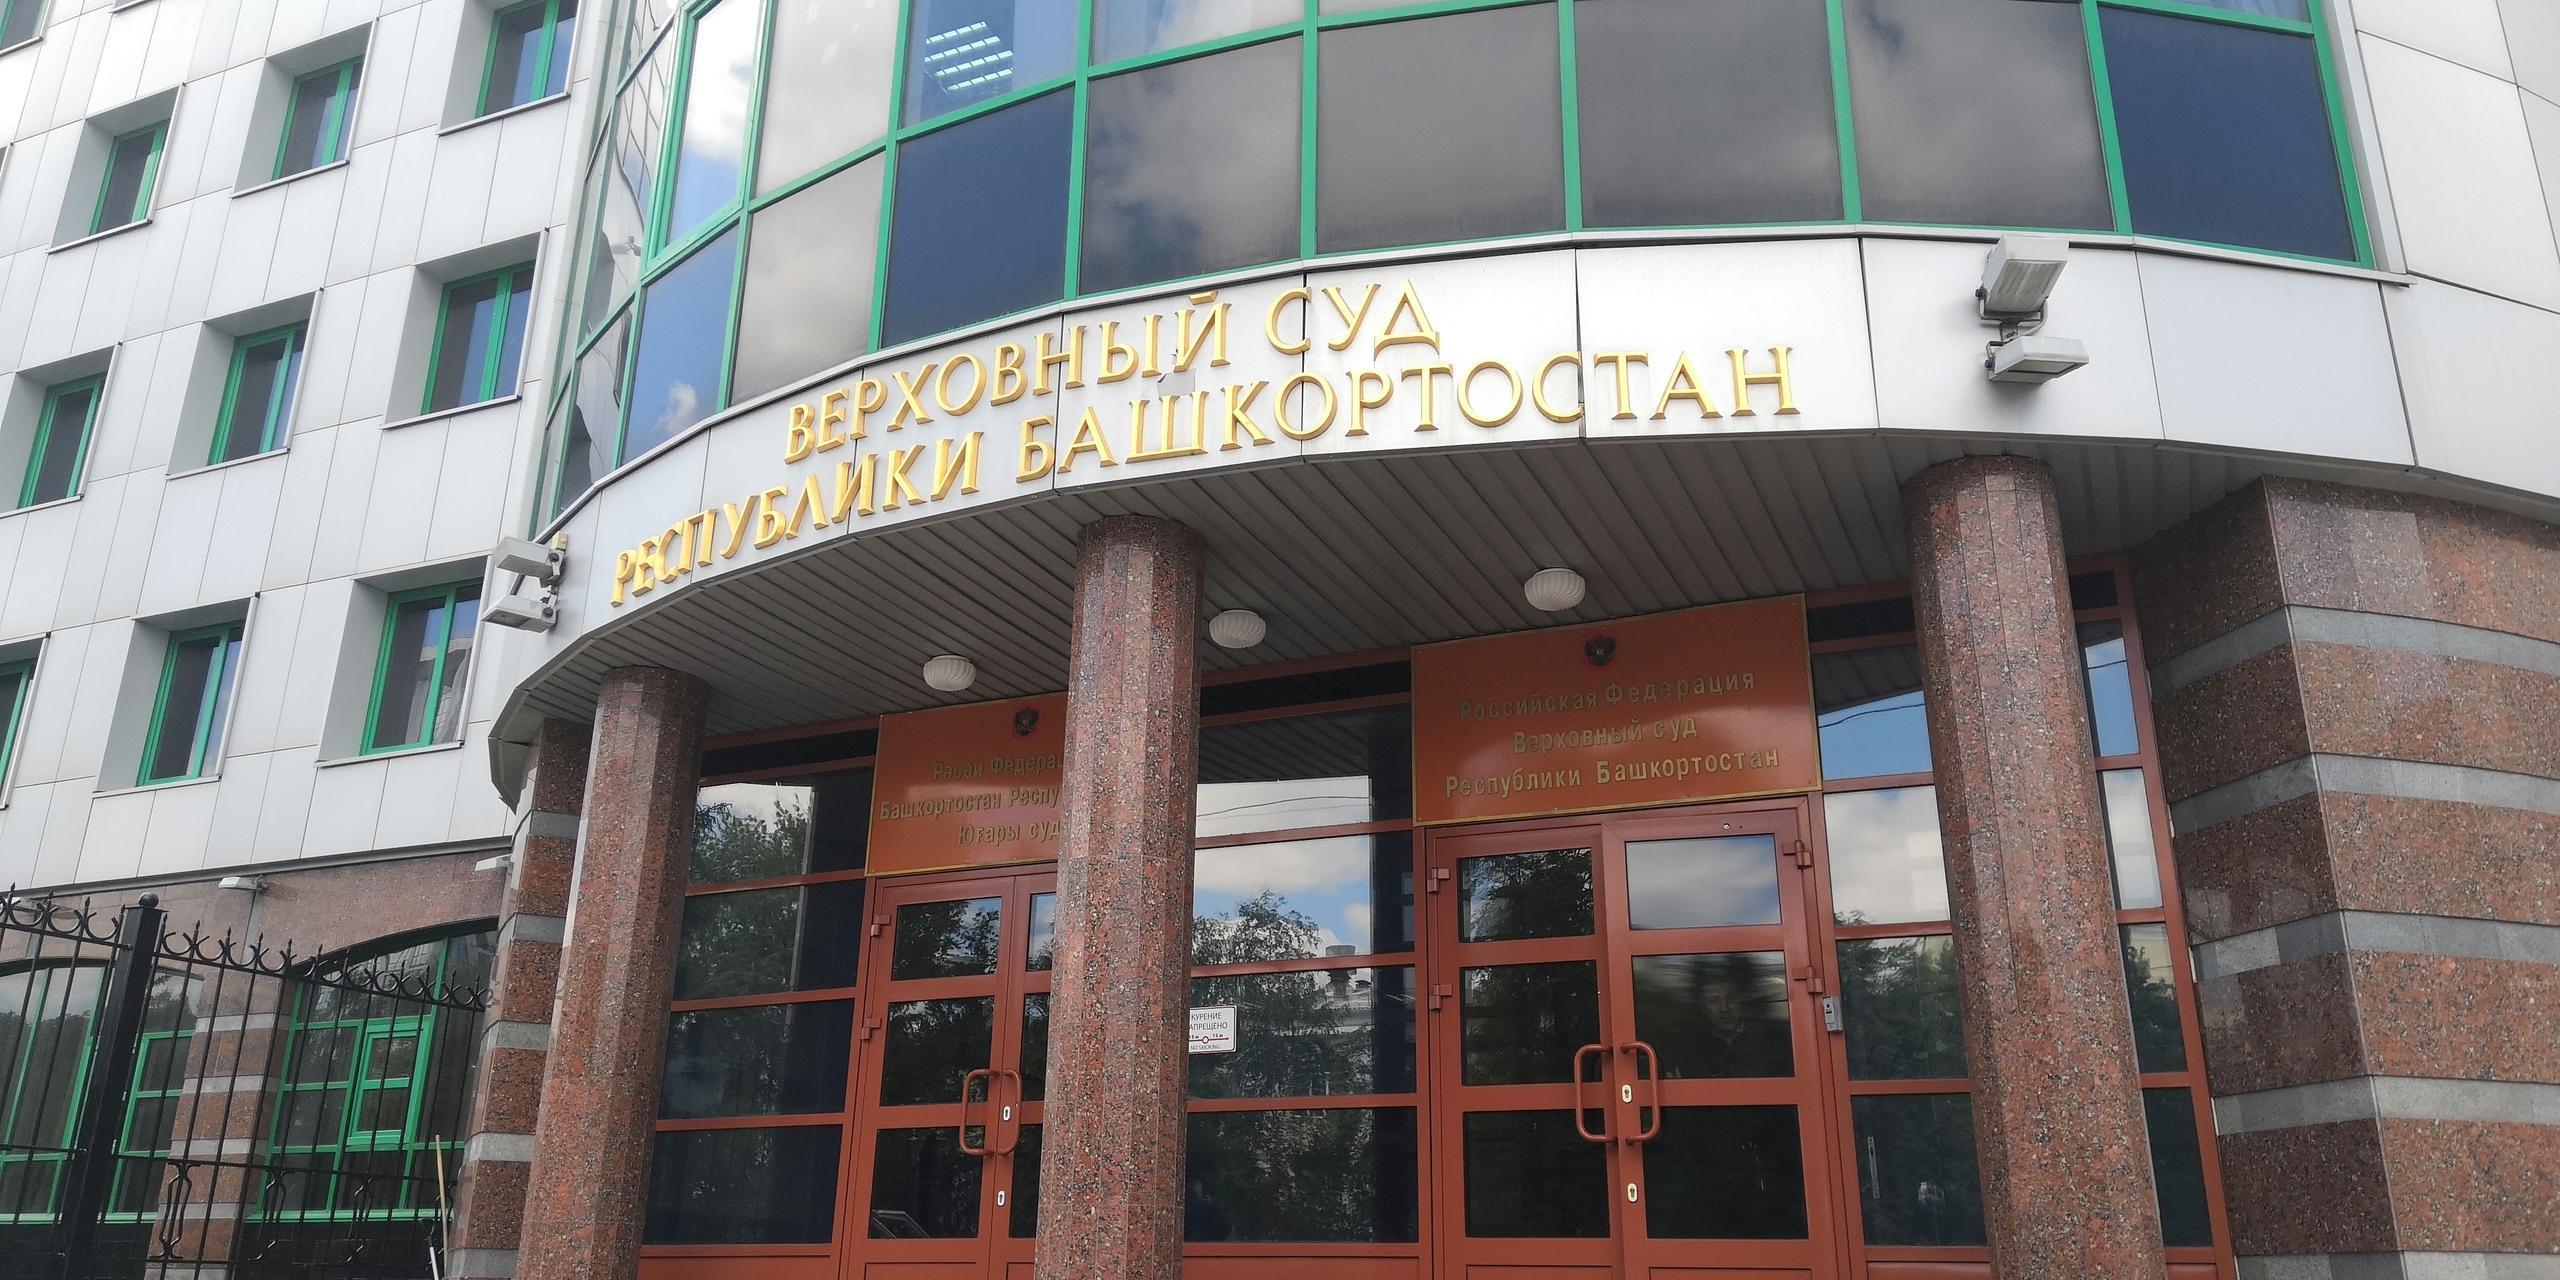 ВС Башкирии оправдал двух экс-полицейских по делу об изнасиловании коллеги